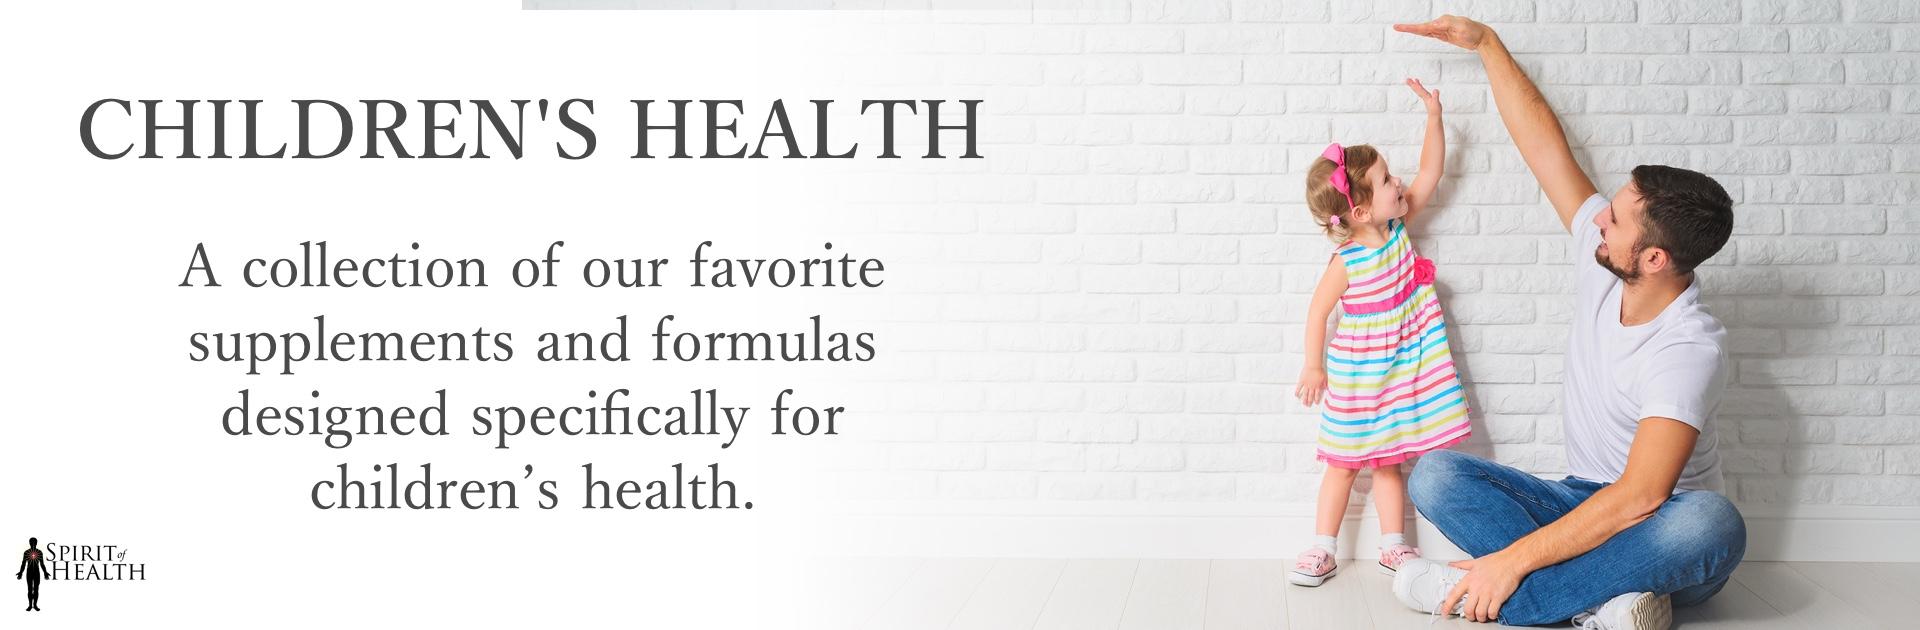 soh-store-banner-children-s-health2.jpg